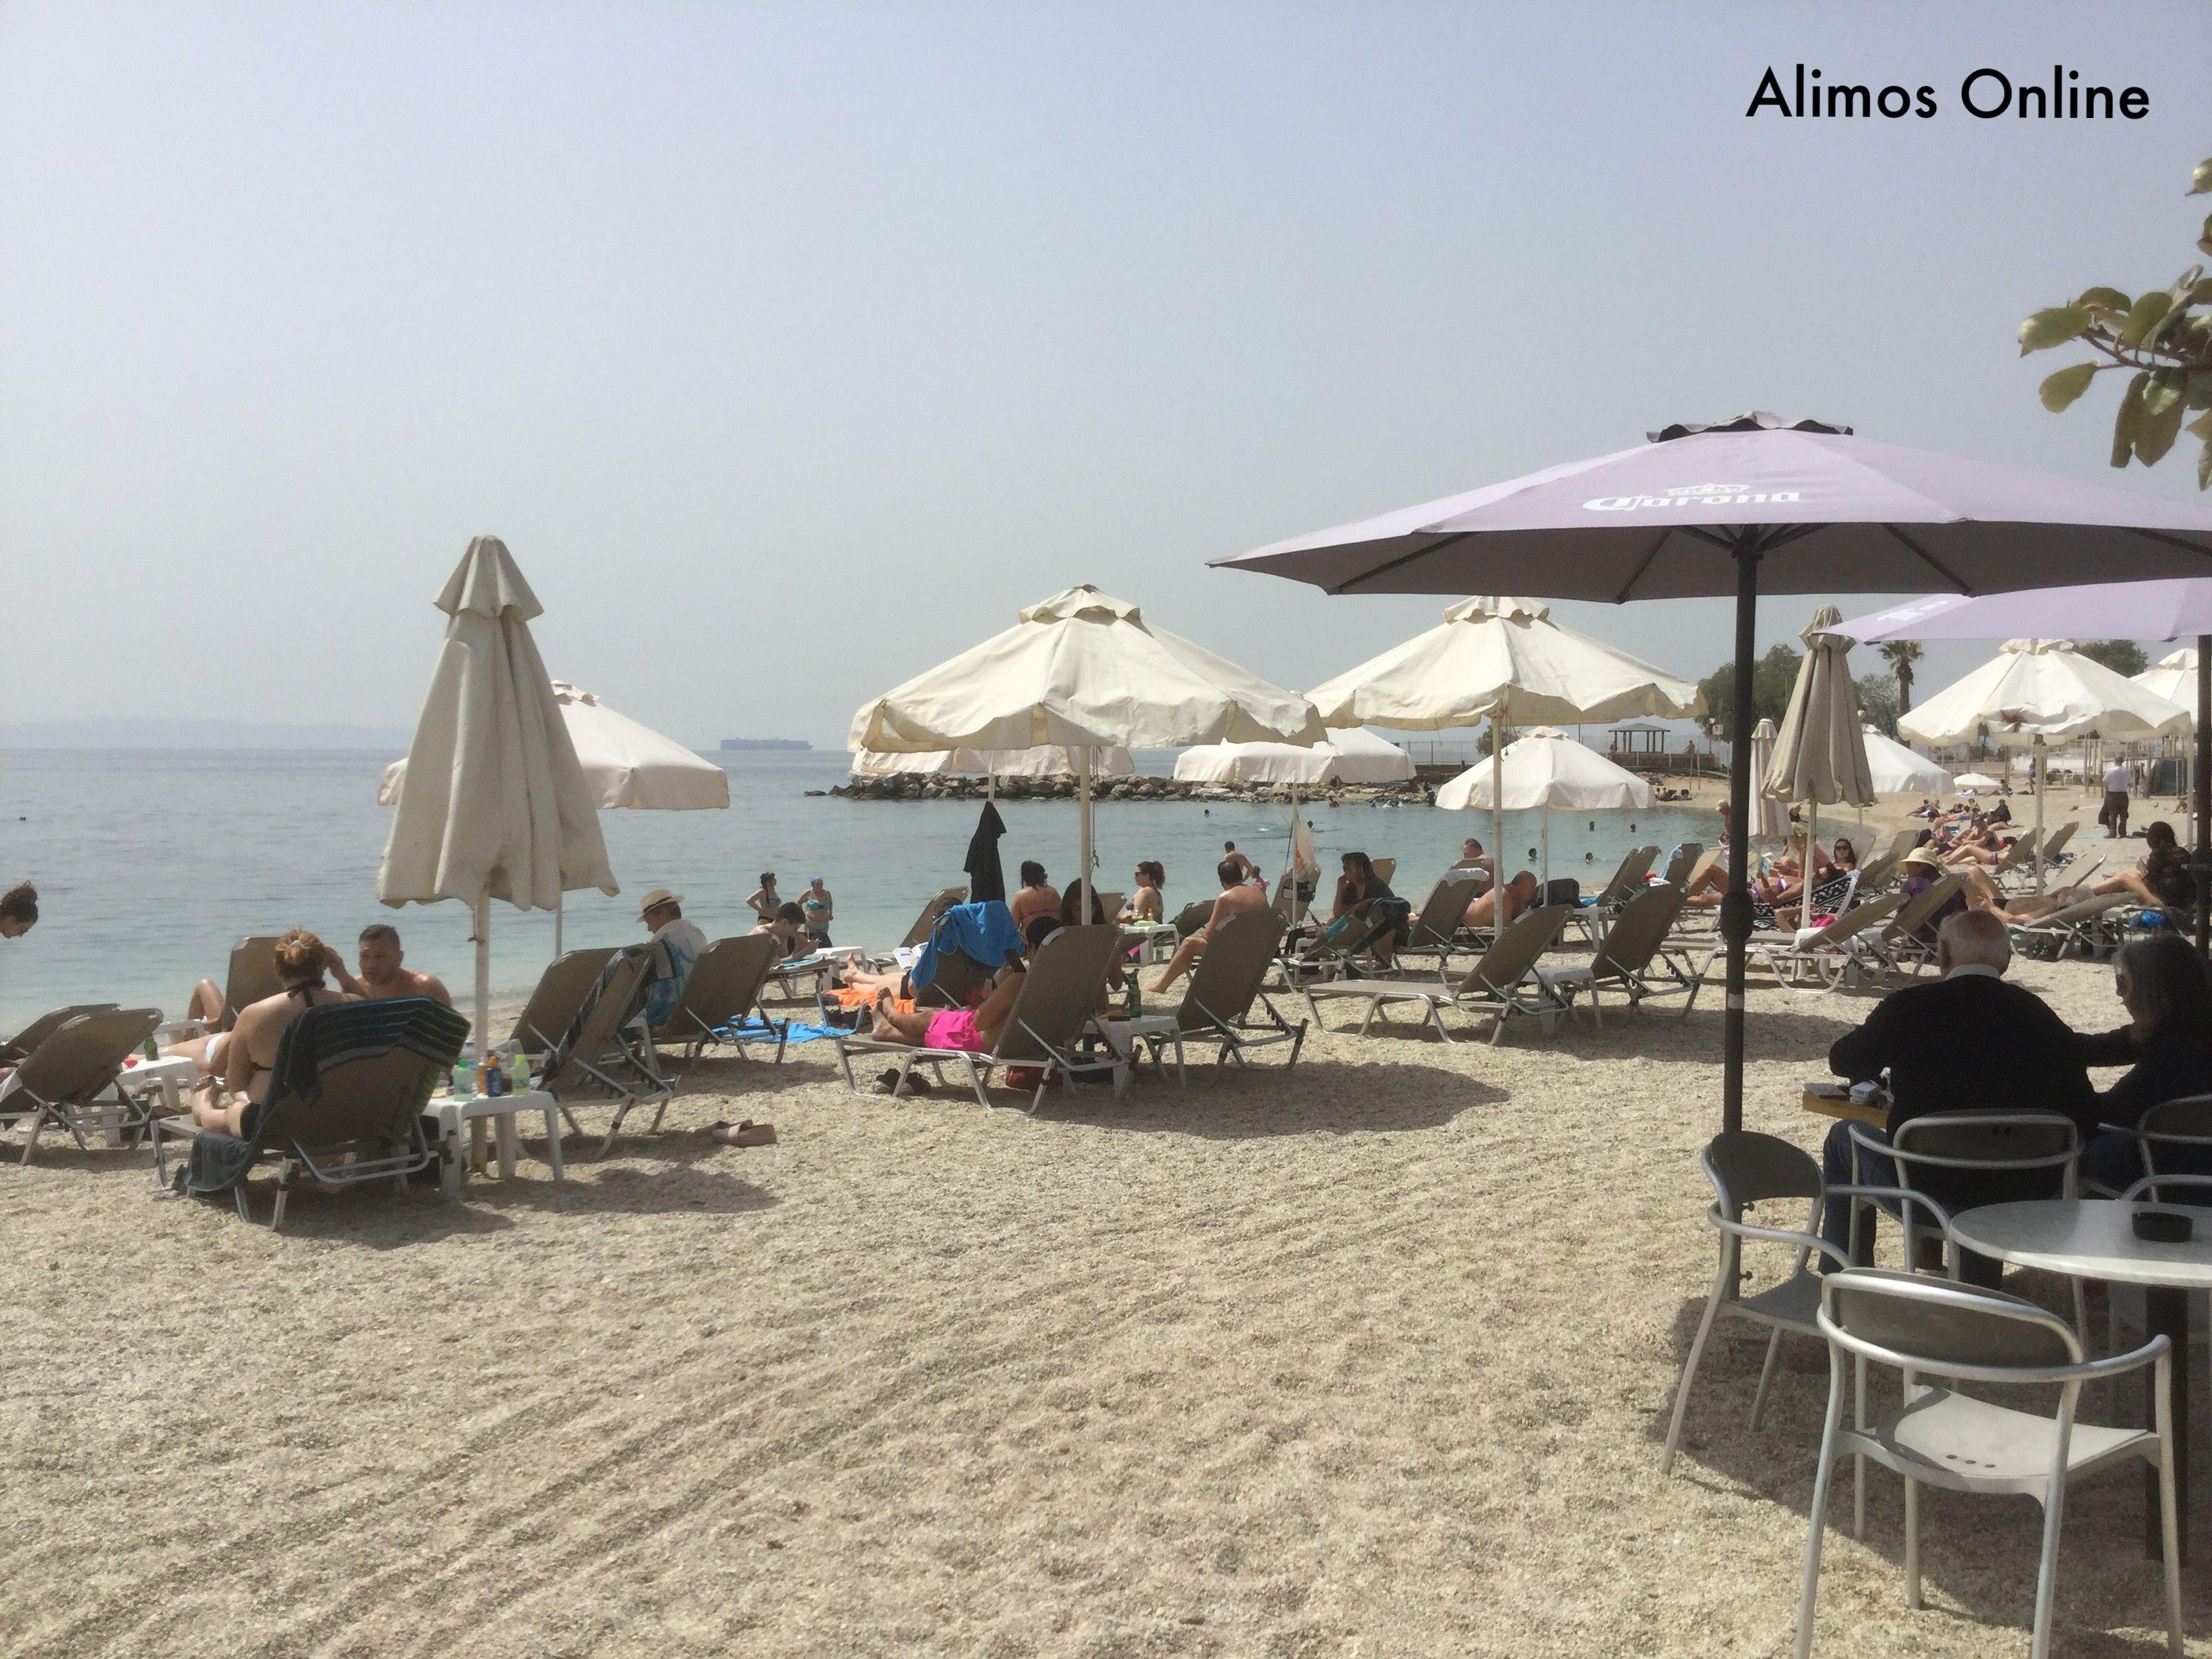 Γεμάτες και σήμερα ήταν οι καθαρές – πλέον - παραλίες του Αλίμου